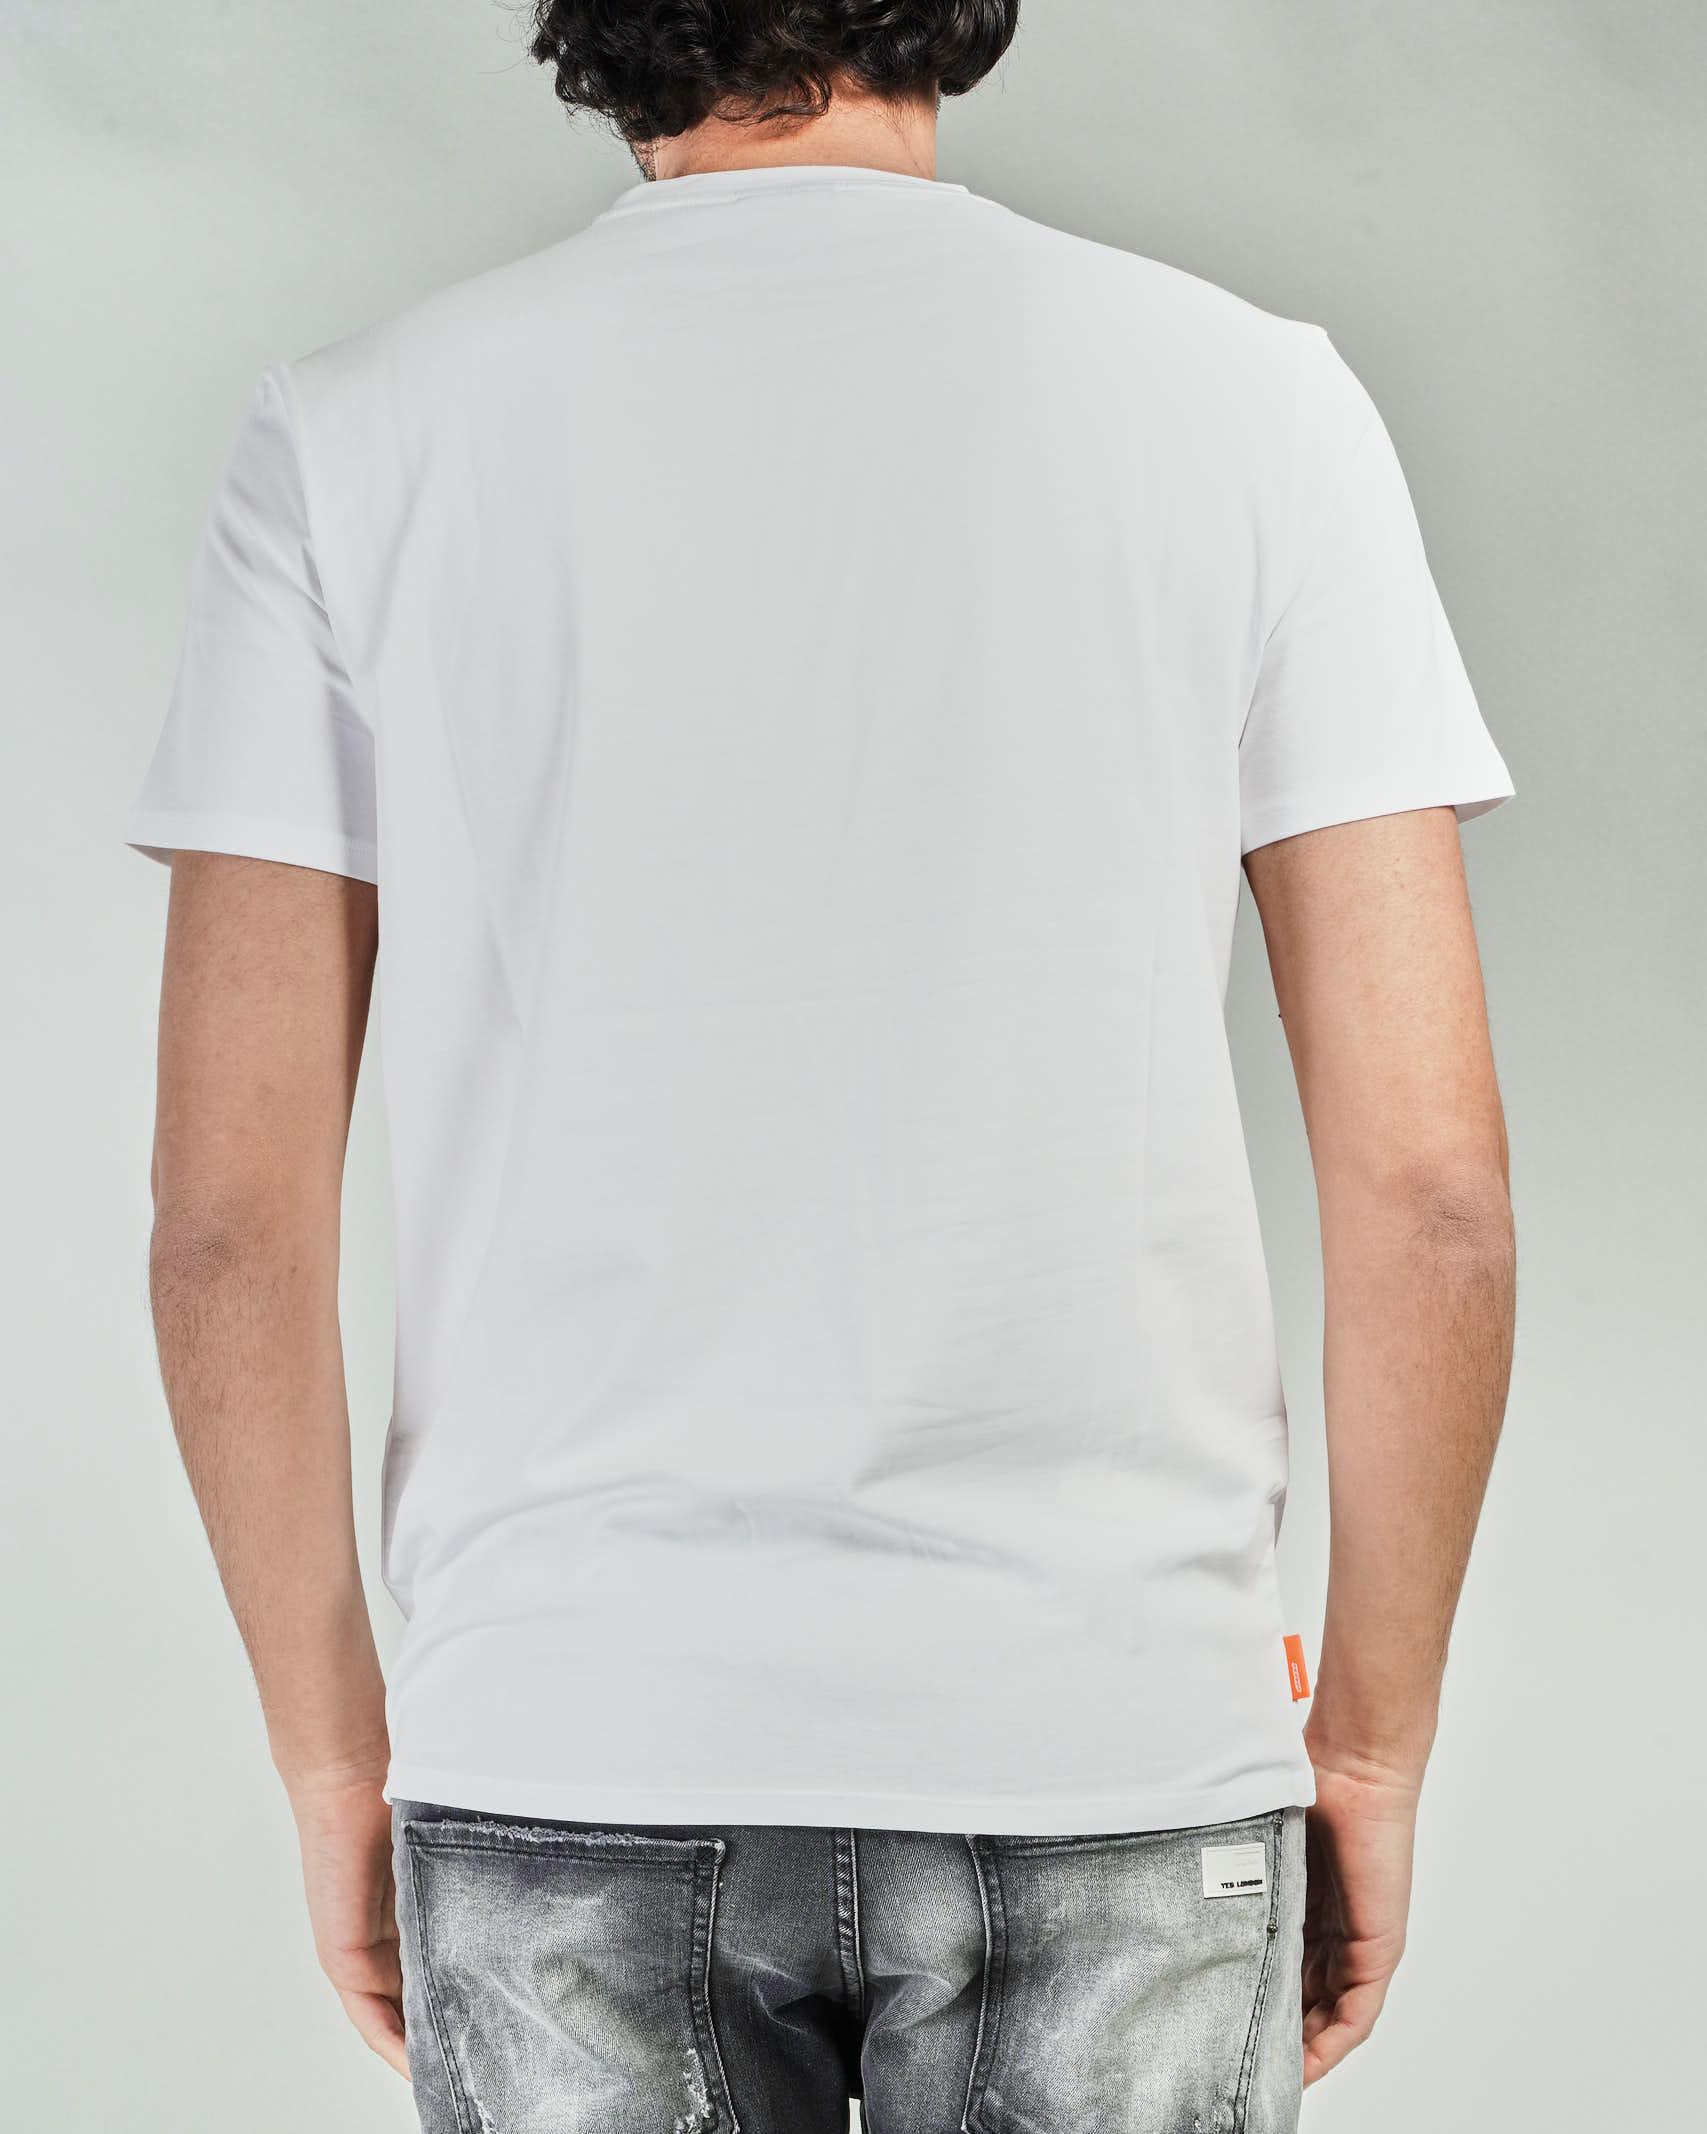 T-shirt Shirty Revo RRD RRD   T-shirt   2116309